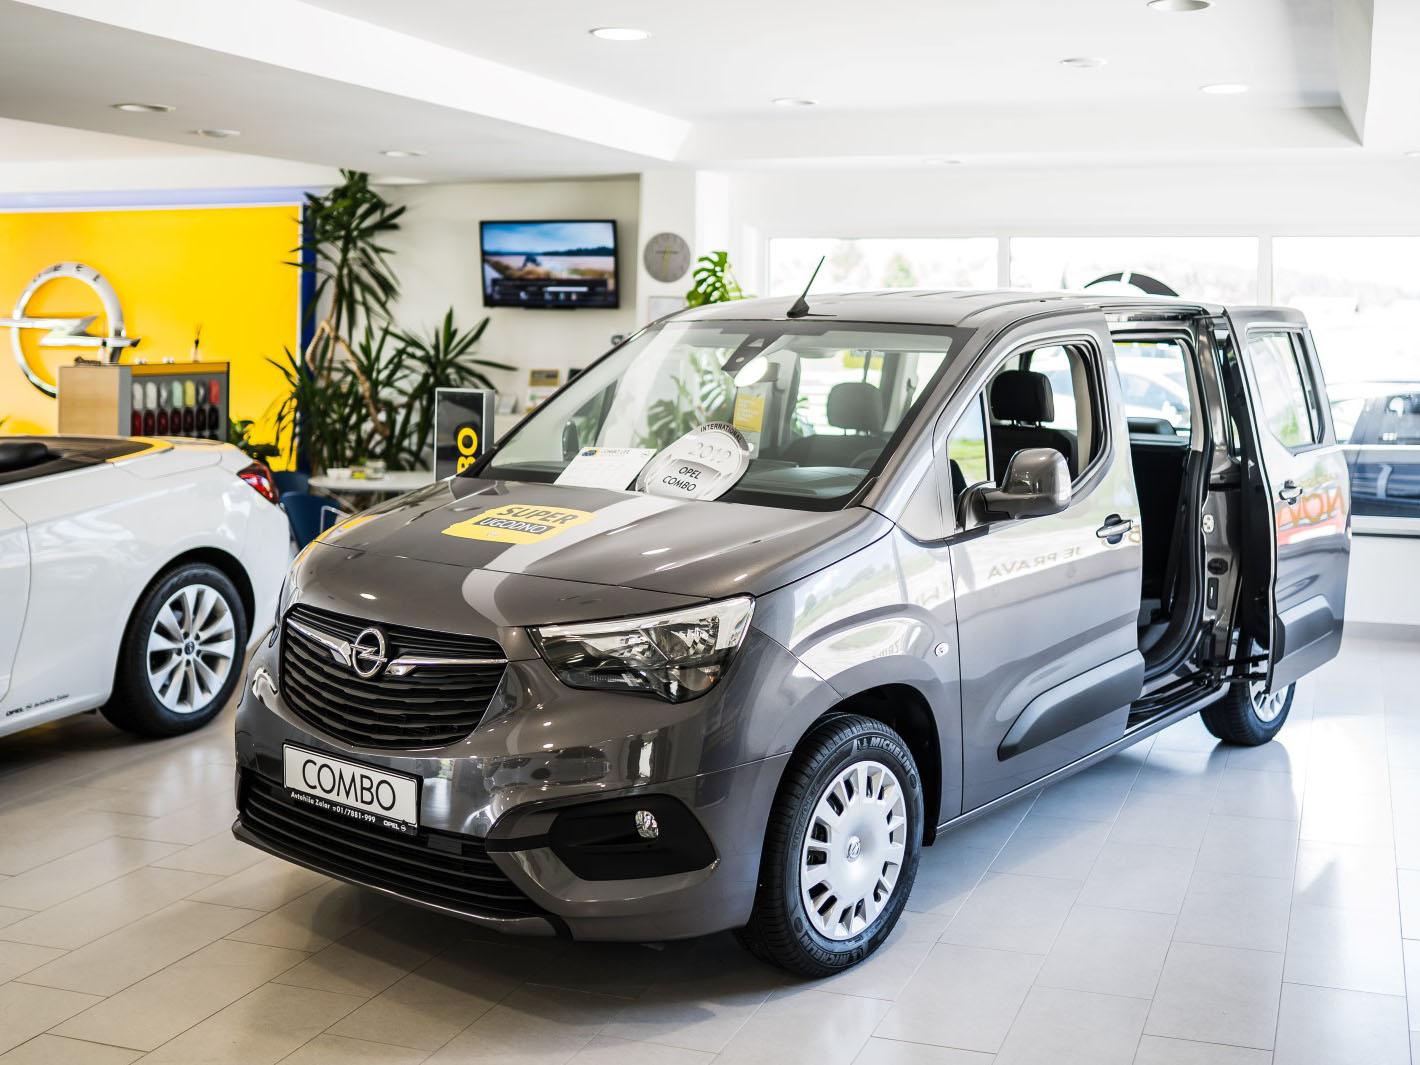 avtohisa-zalar-opel-nova-rabljena-vozila-avtomobili-servis-vzdrzevanje-zavarovanje-registracija-nakup-garancija-jamst (63)